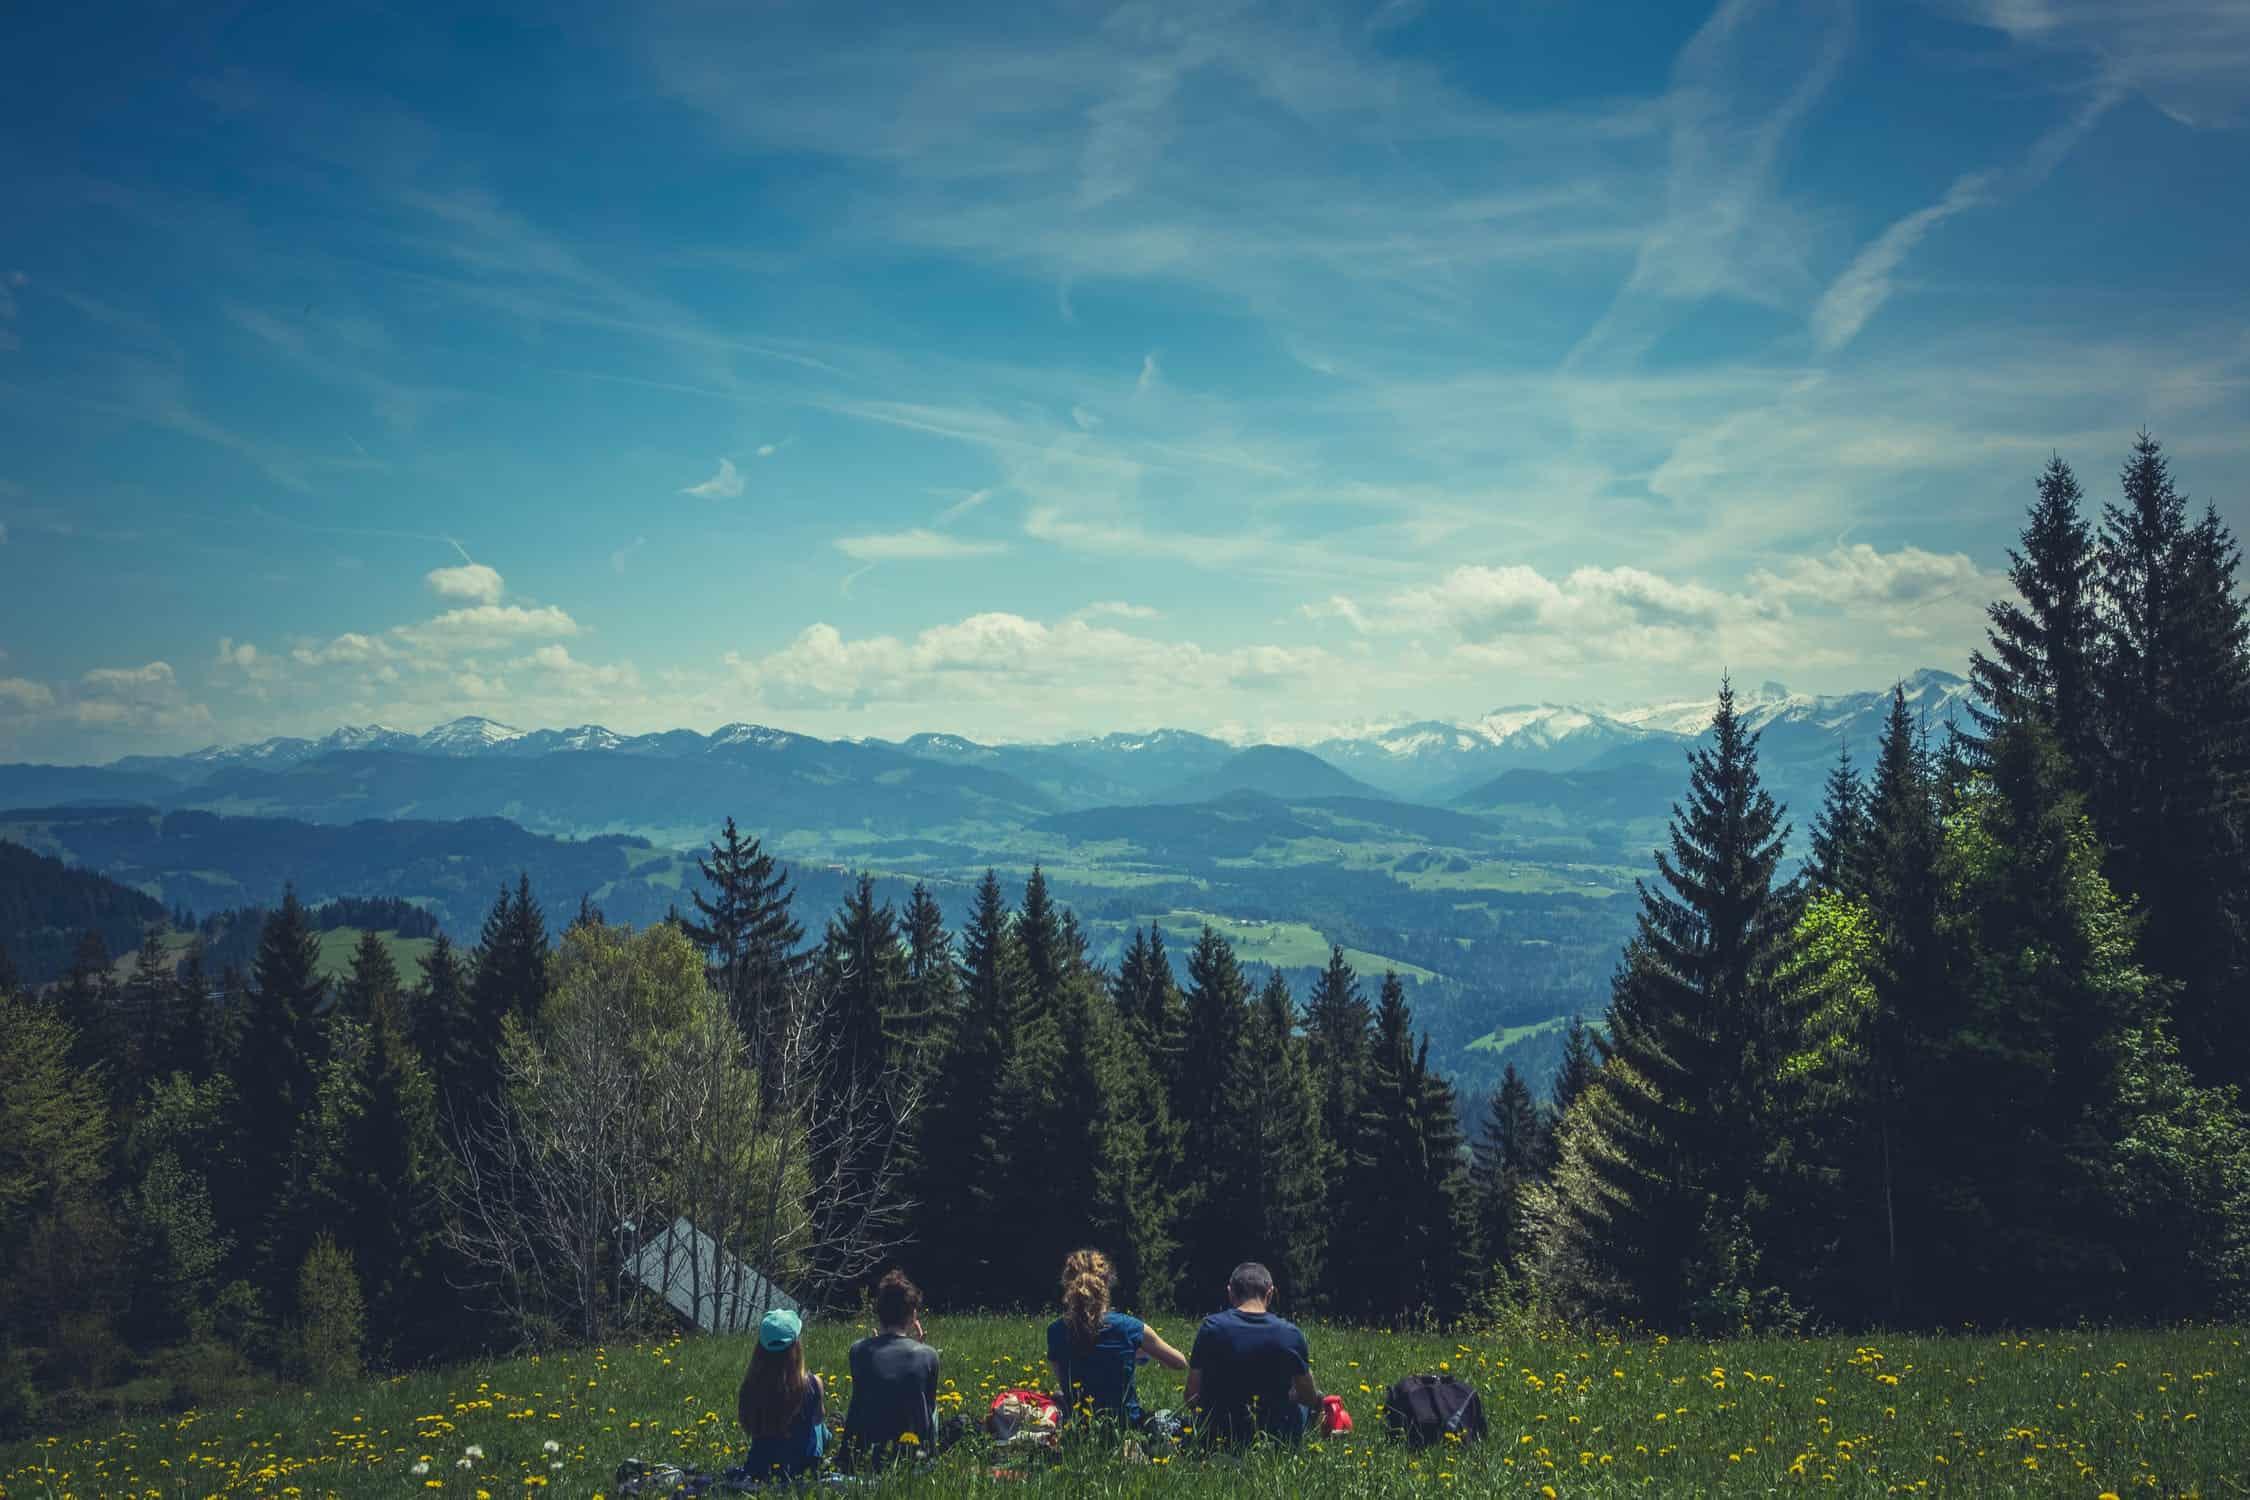 Le località migliori per chi viaggia con i bambini in camper